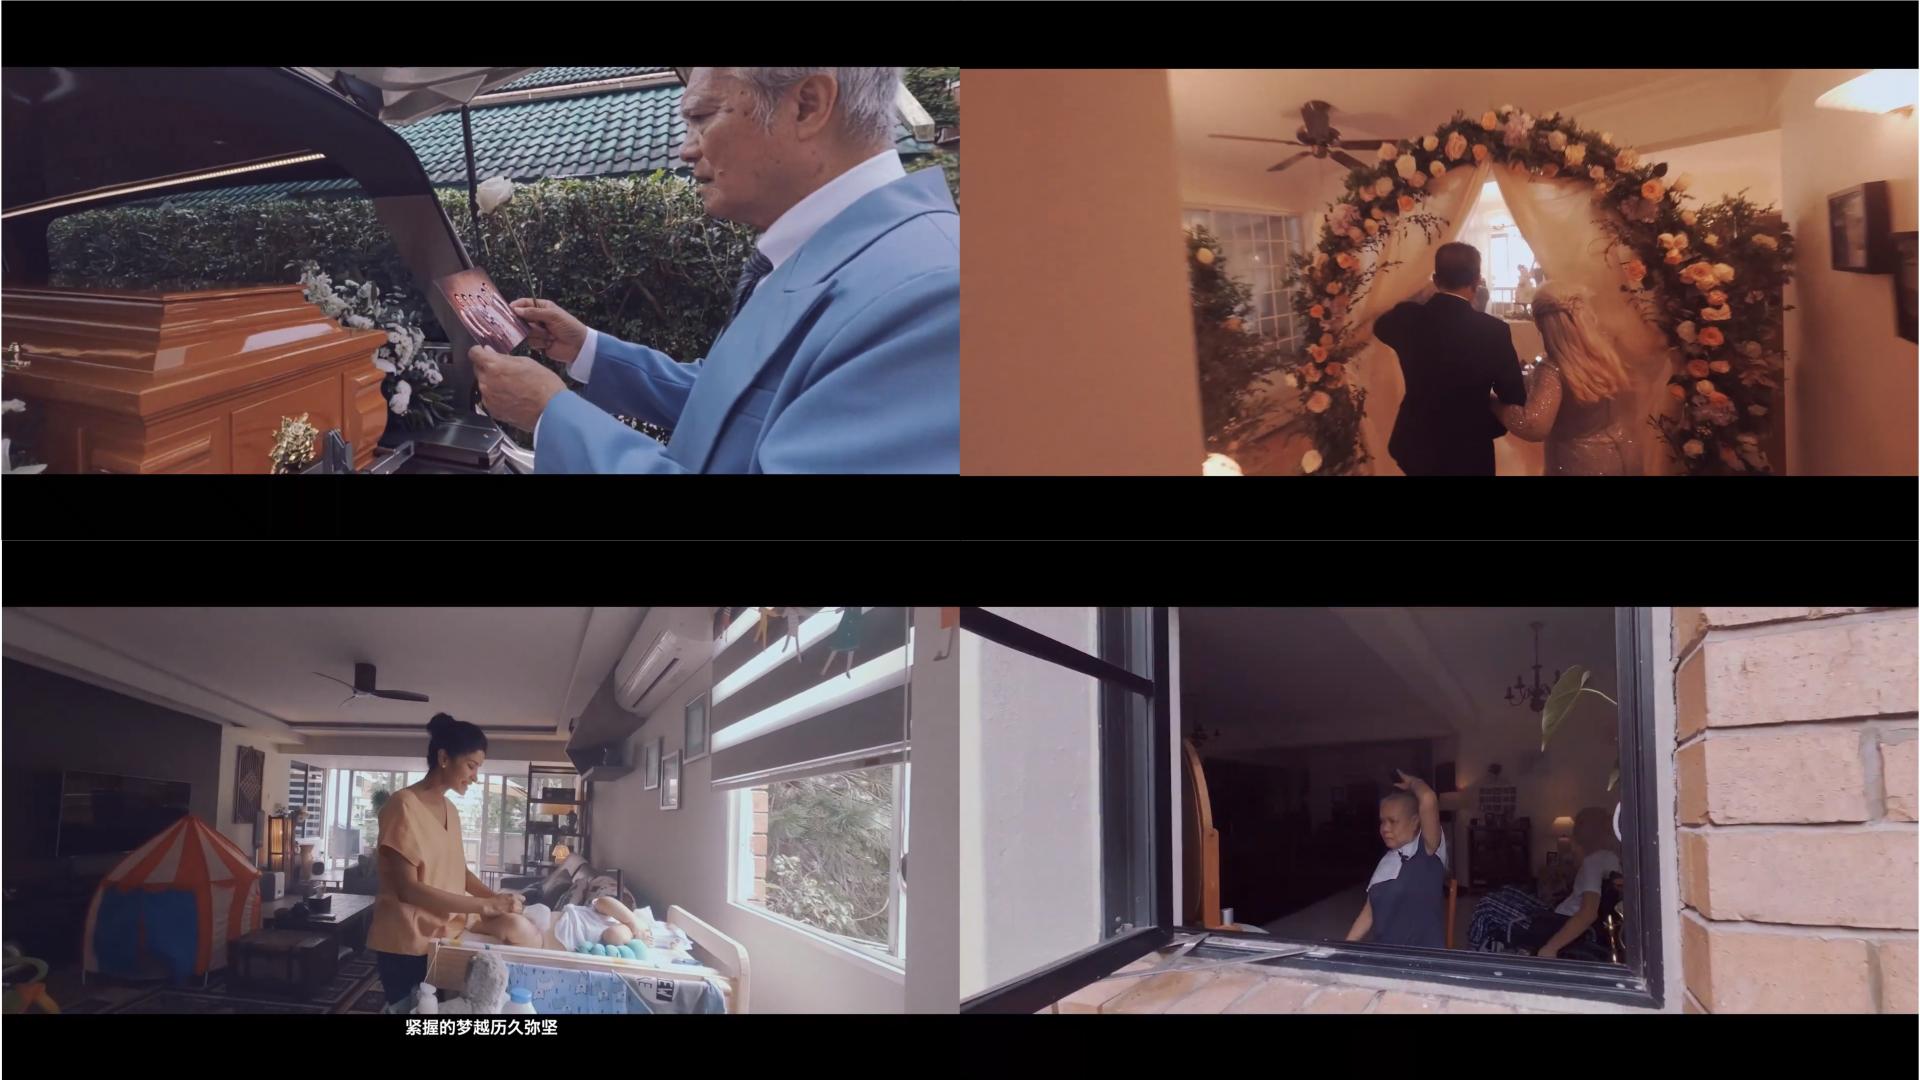 一鏡到底! 日本 FPV 飛手越洋助力 拍成「催淚」新加坡保險廣告